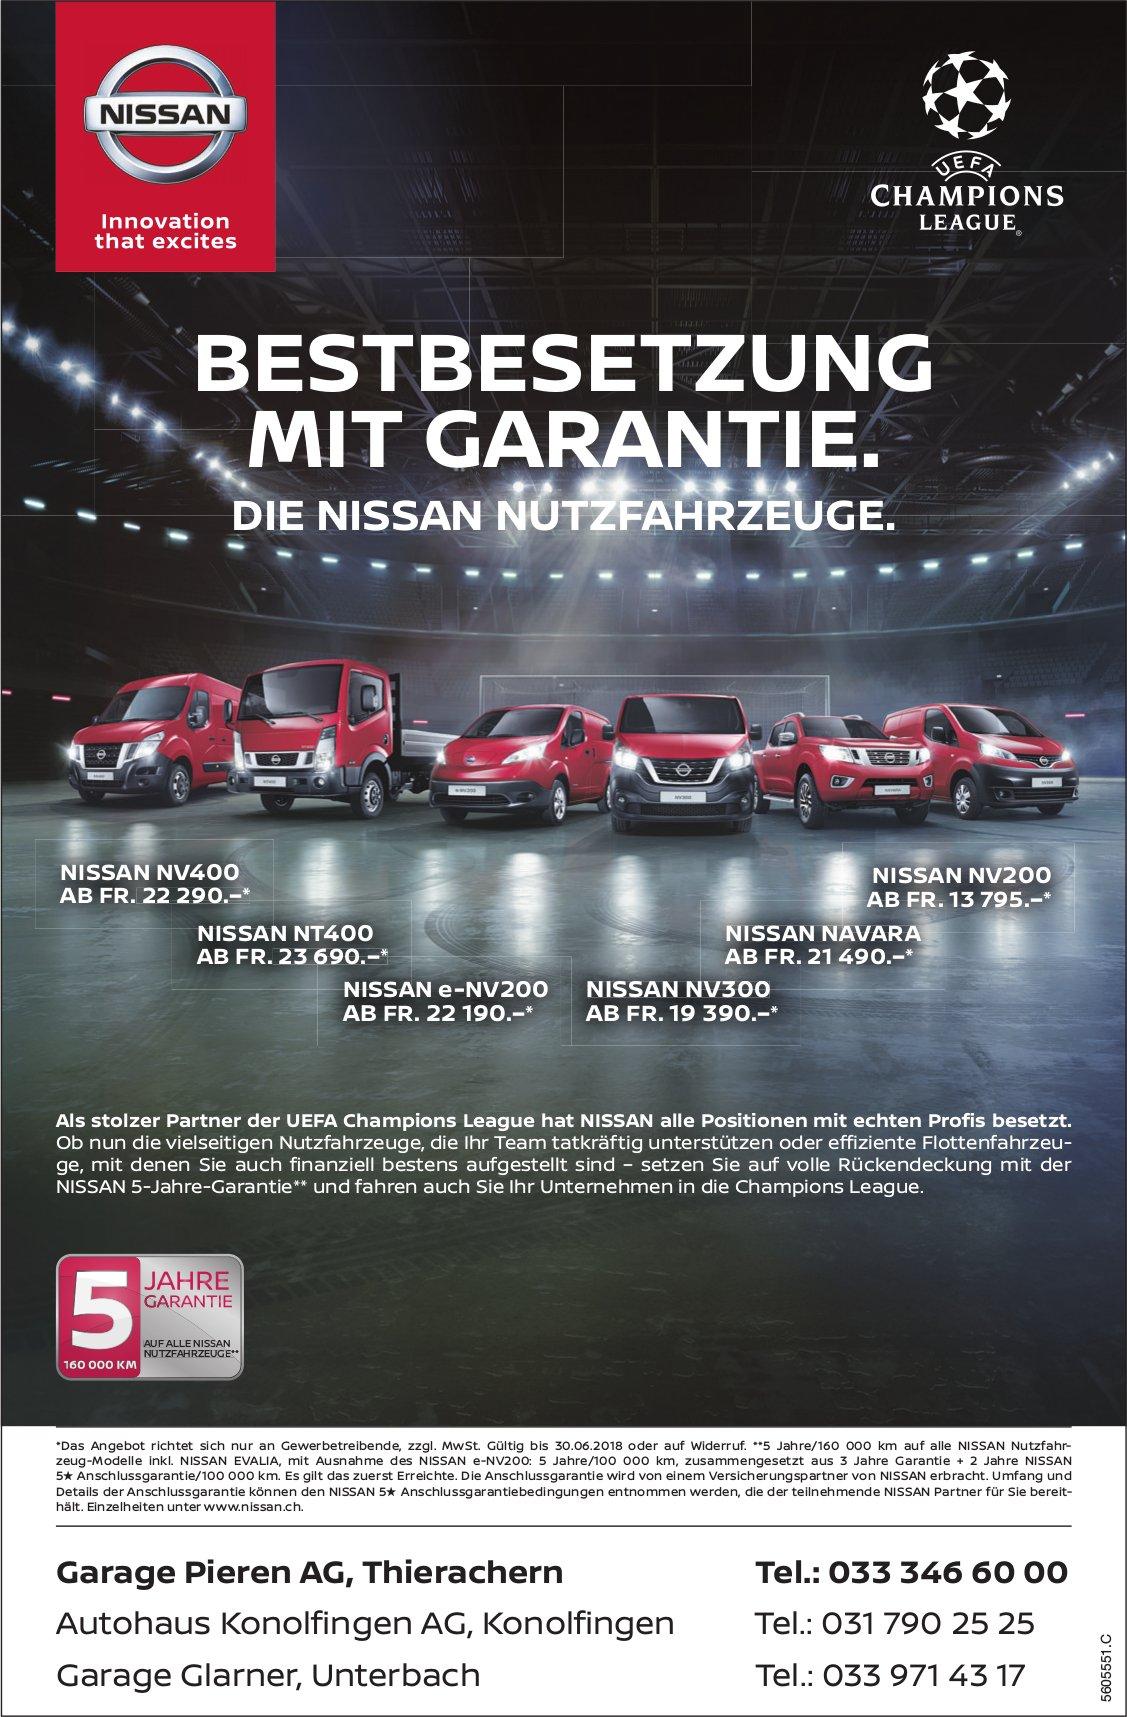 Die Nissan Nutzfahrzeuge - Bestbesetzung mit Garantie